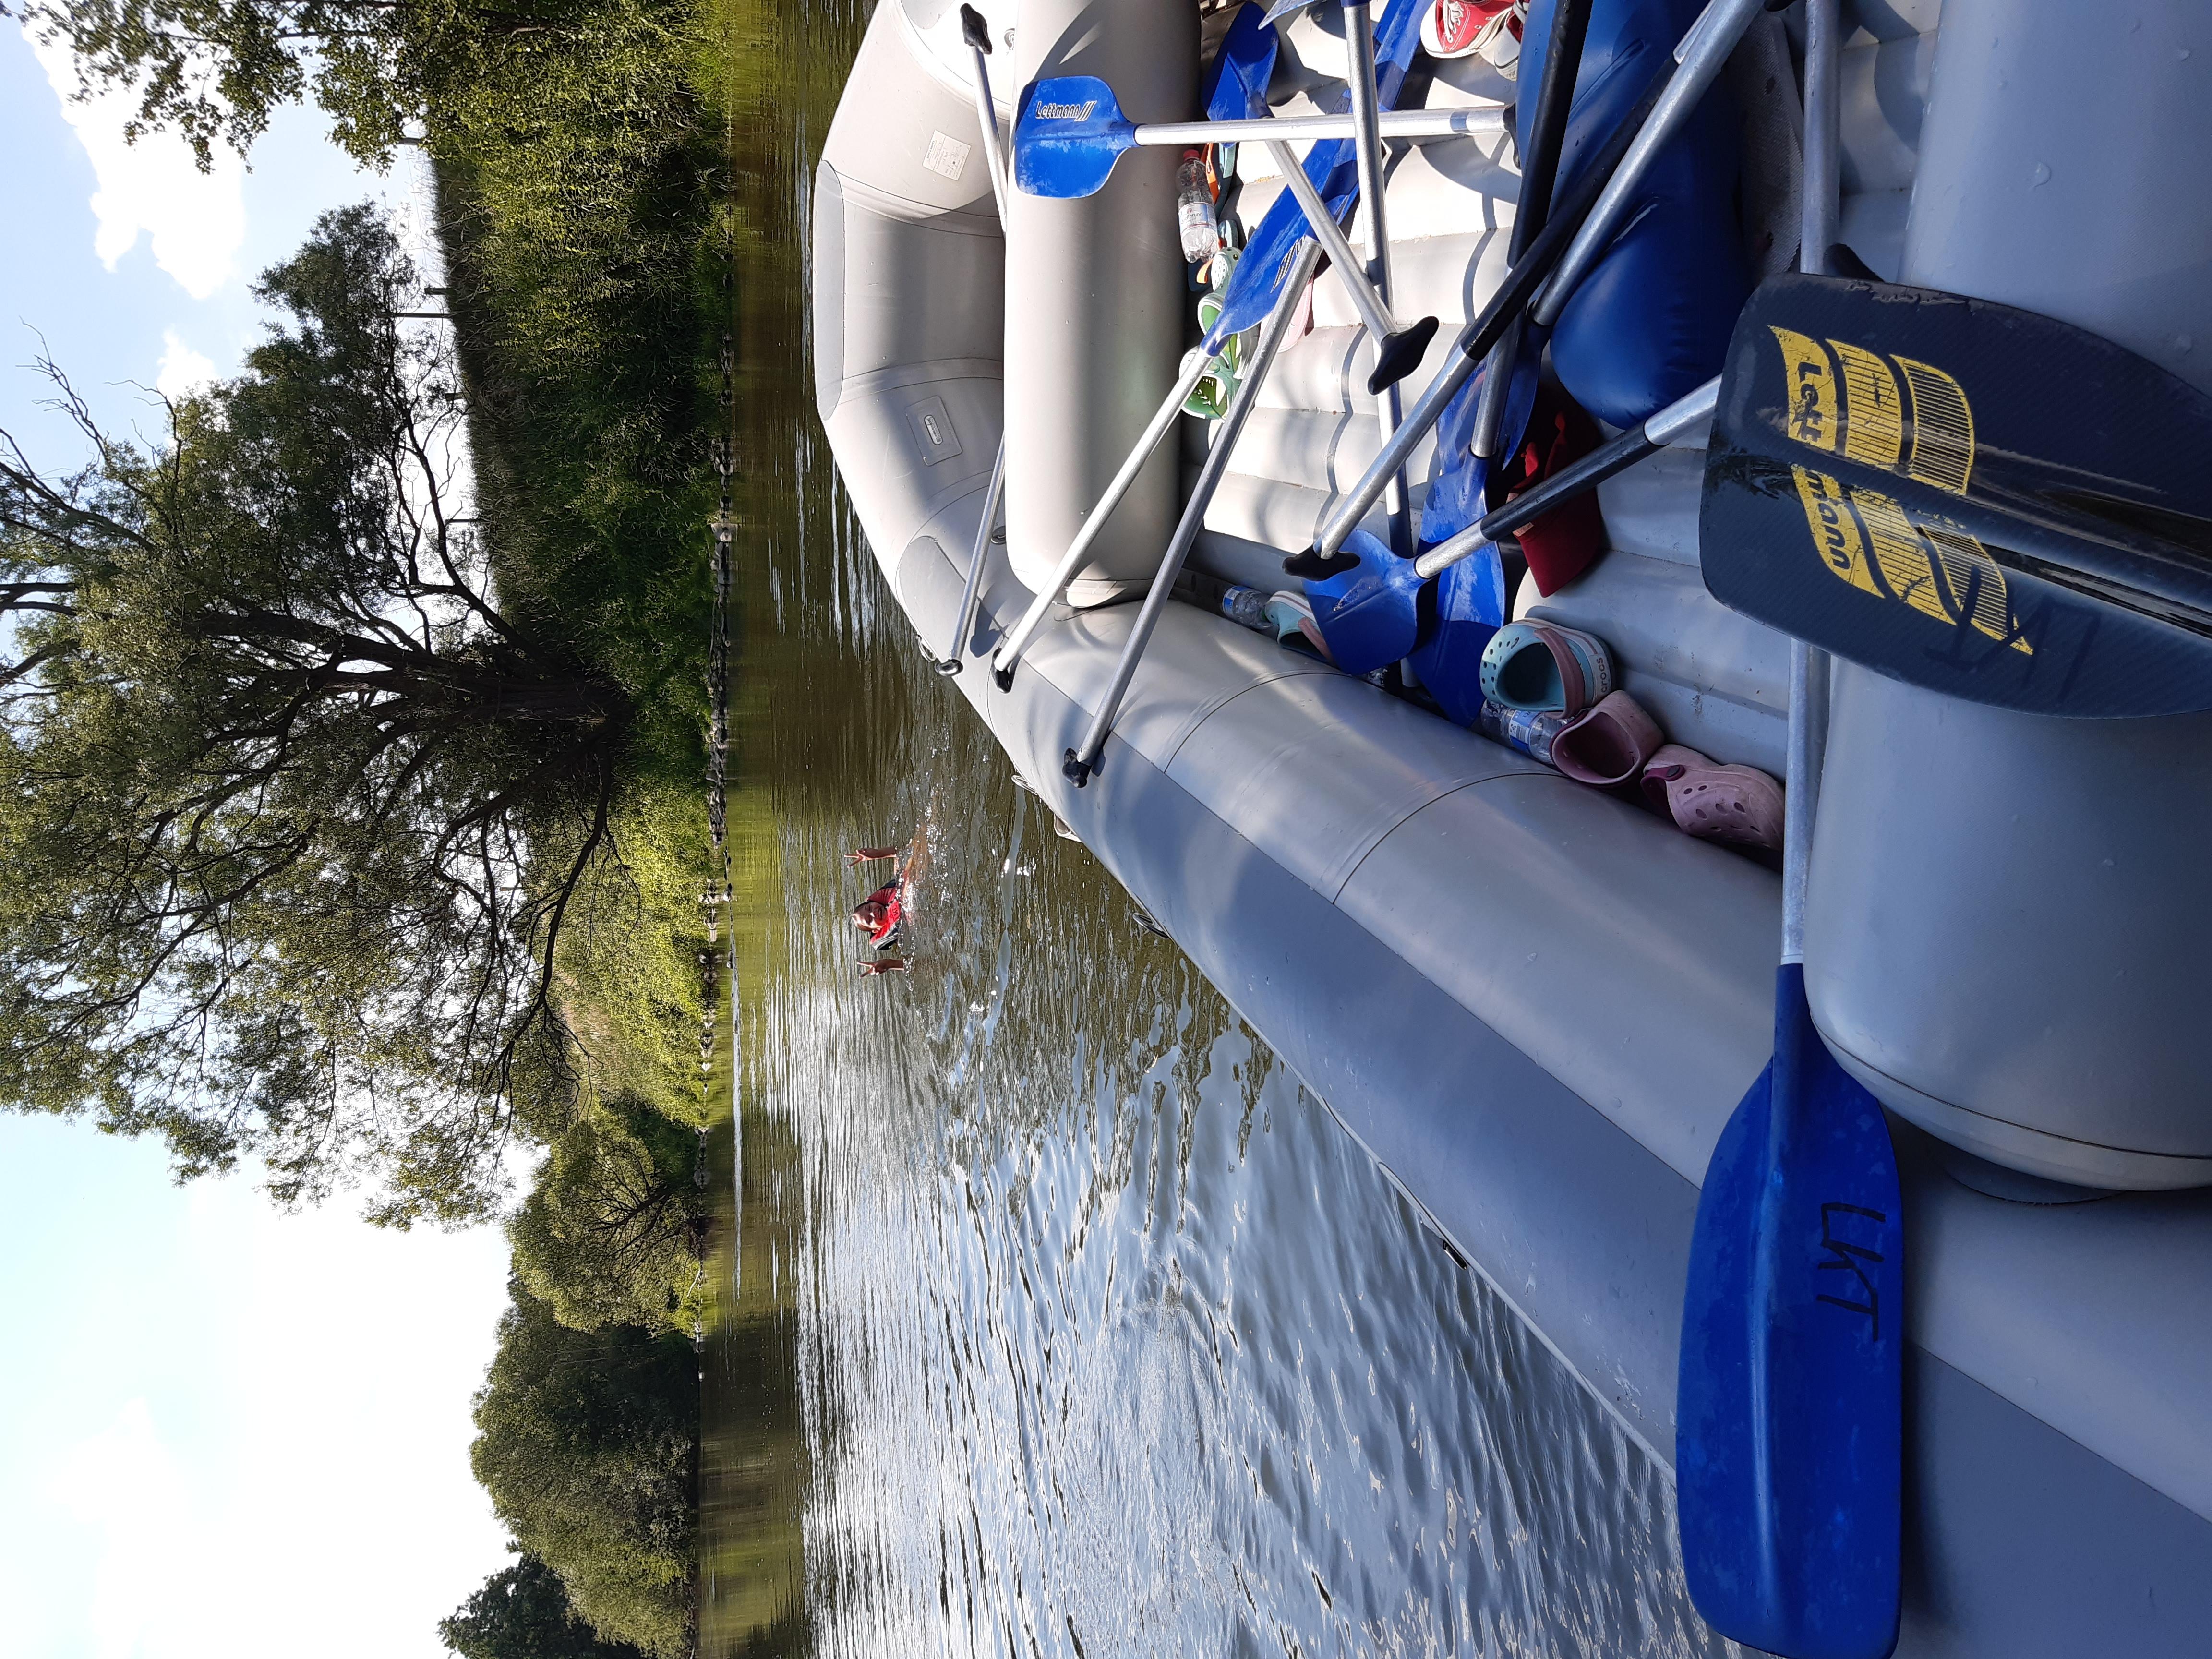 Kanu-Touren Bild